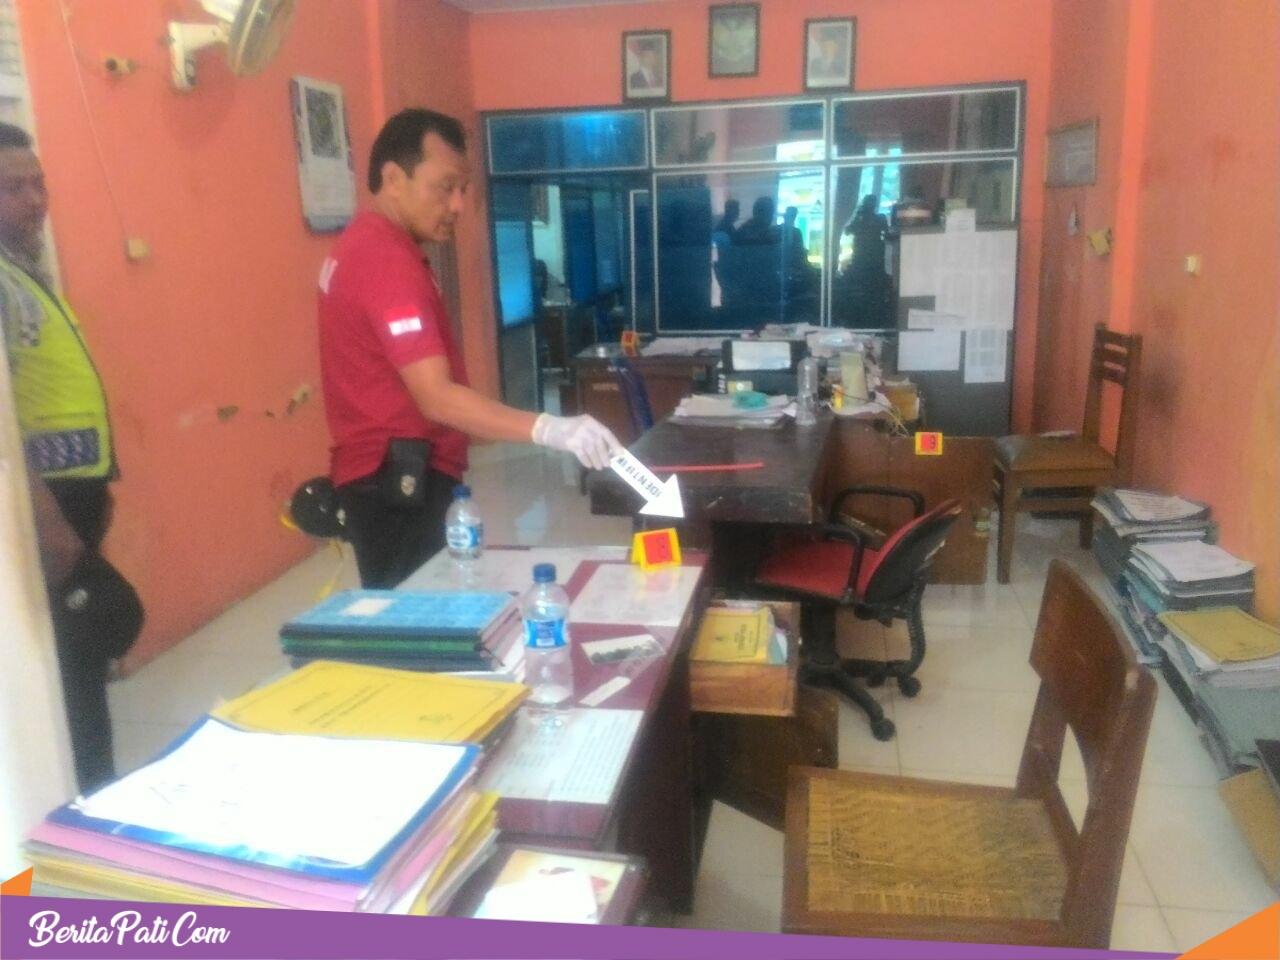 Kantor Milik Pemerintah di Margorejo Kemalingan, Pelaku Gasak Laptop dan Uang